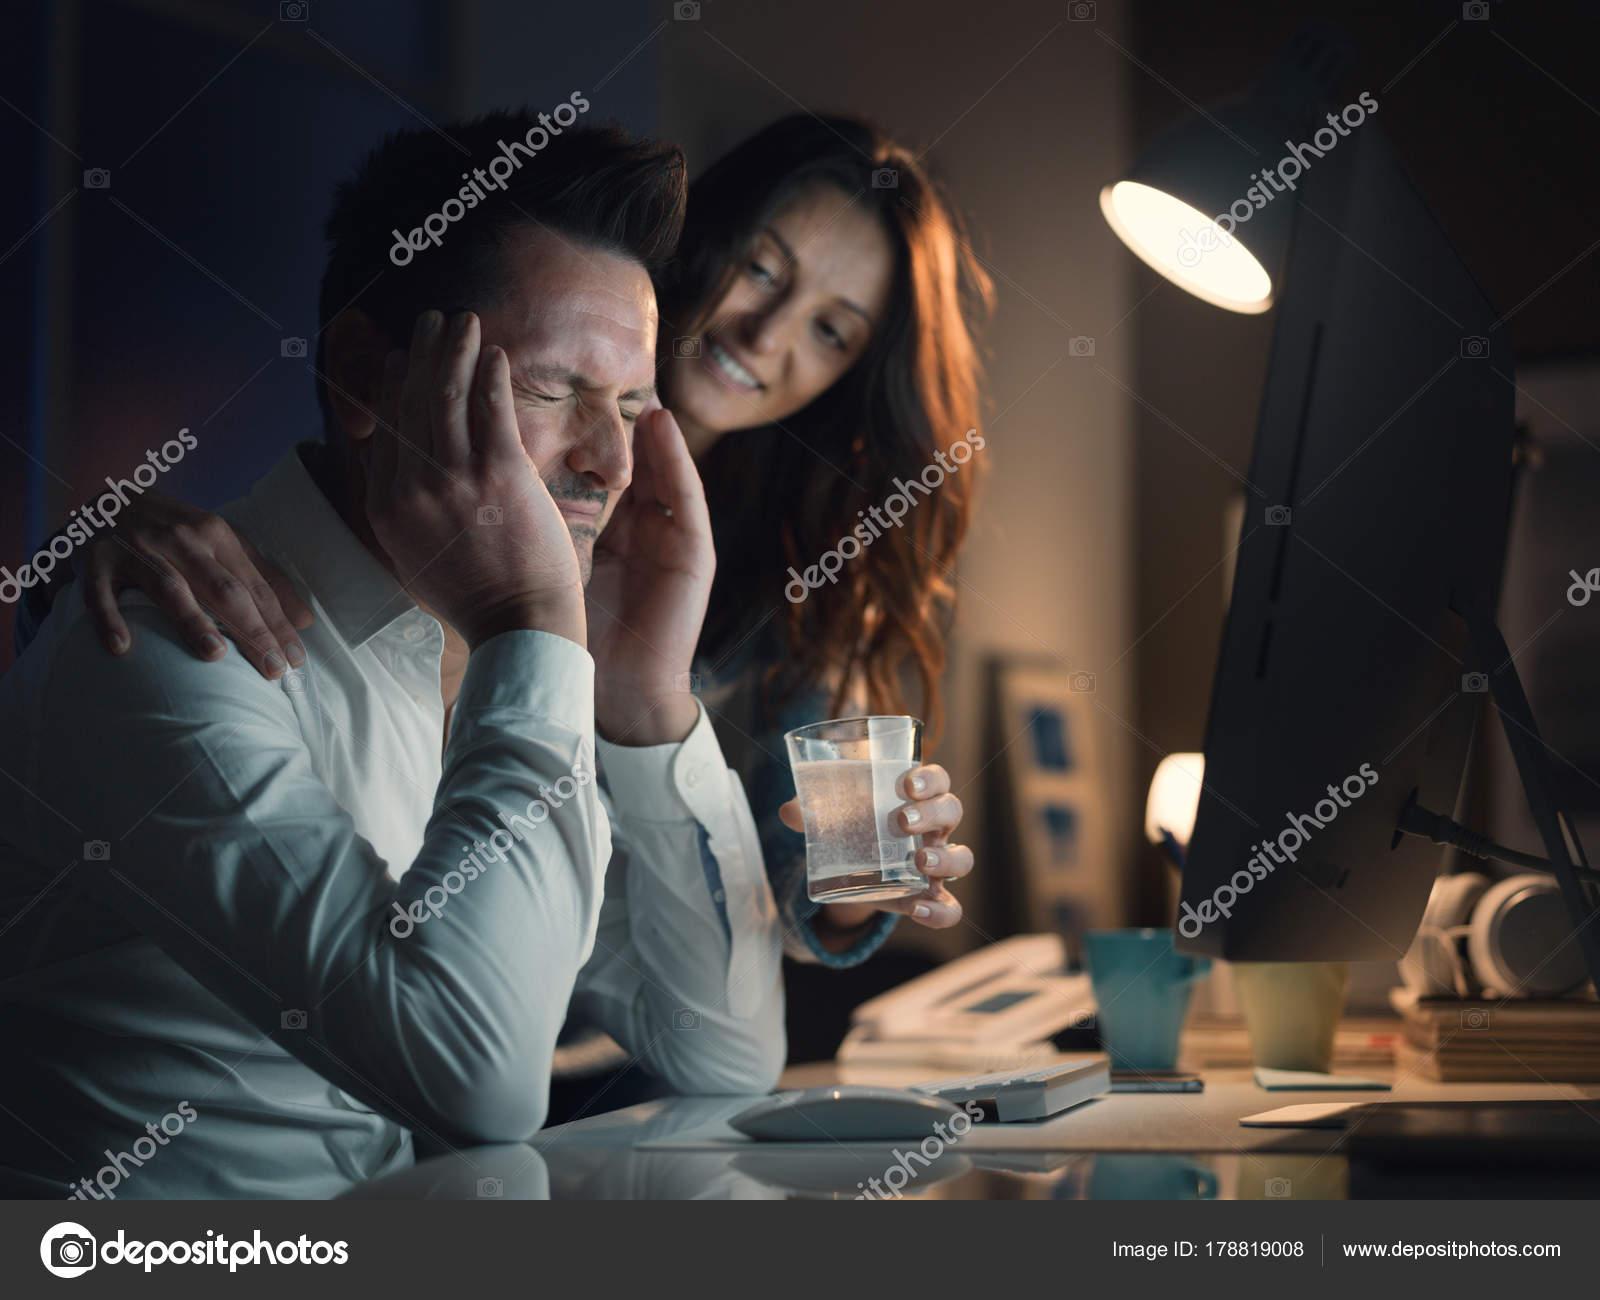 άρρωστοι και κουρασμένοι από online dating χρονολόγηση πρώτου βασικού ορισμού